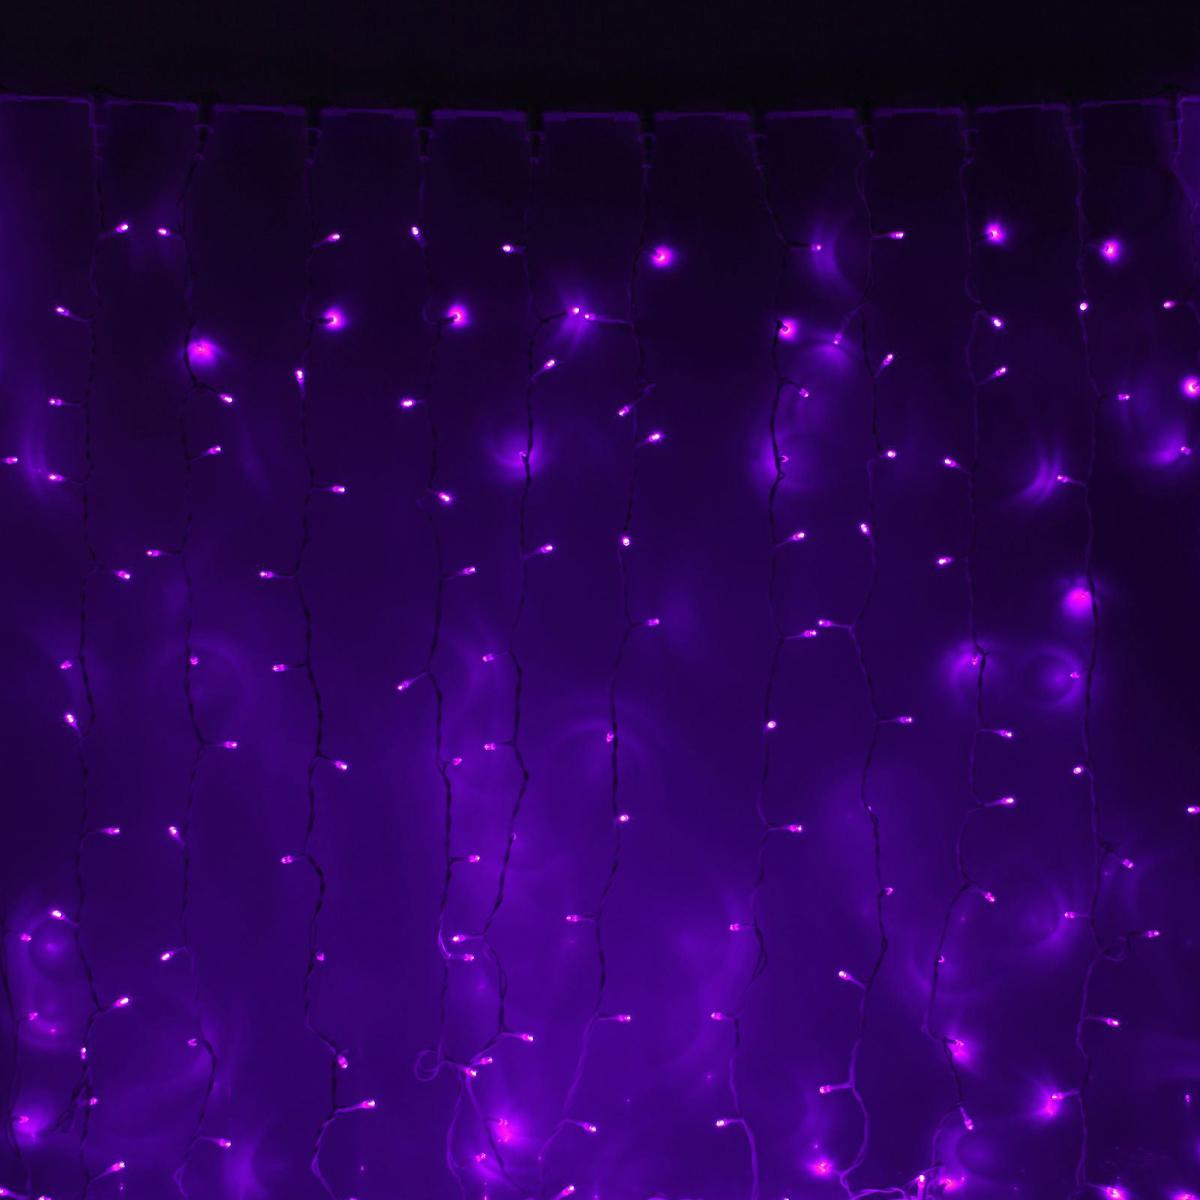 Гирлянда светодиодная Luazon Занавес, цвет: фиолетовый, уличная, 760 ламп, 220 V, 2 х 3 м. 10802251080225Светодиодные гирлянды и ленты — это отличный вариант для новогоднего оформления интерьера или фасада. С их помощью помещение любого размера можно превратить в праздничный зал, а внешние элементы зданий, украшенные ими, мгновенно станут напоминать очертания сказочного дворца. Такие украшения создают ауру предвкушения чуда. Деревья, фасады, витрины, окна и арки будто специально созданы, чтобы вы украсили их светящимися нитями.